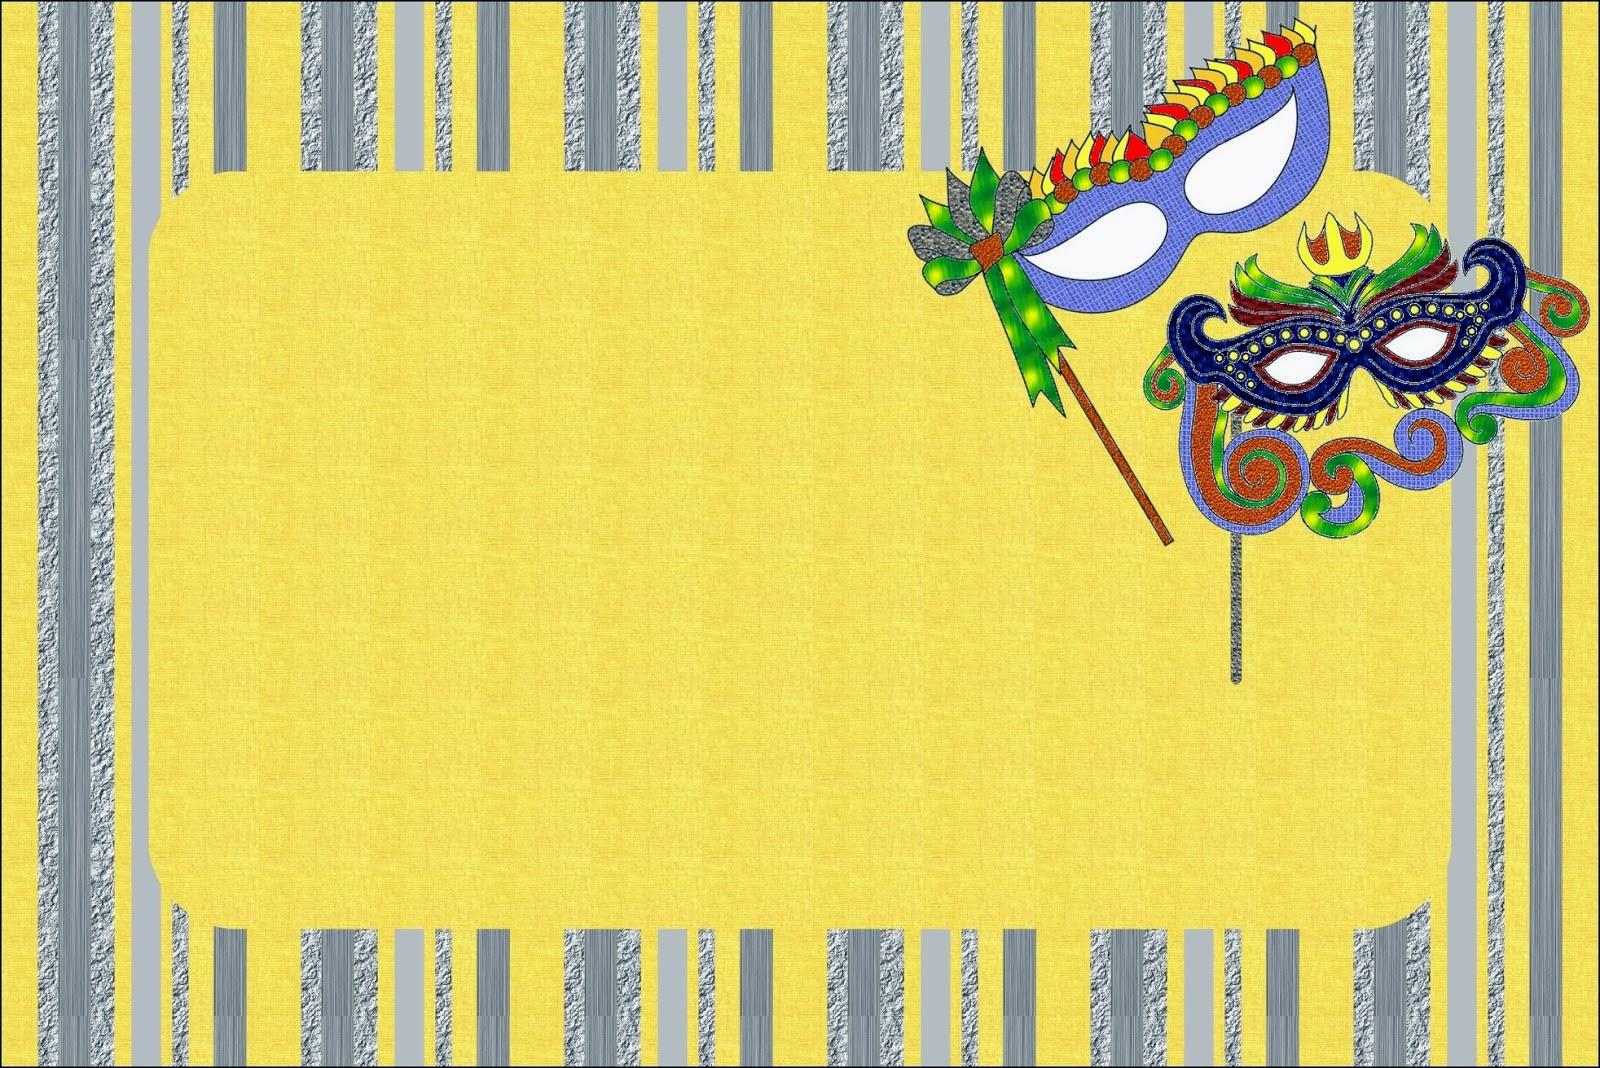 Máscaras de Carnaval: Invitaciones para Imprimir Gratis. | Ideas y ...